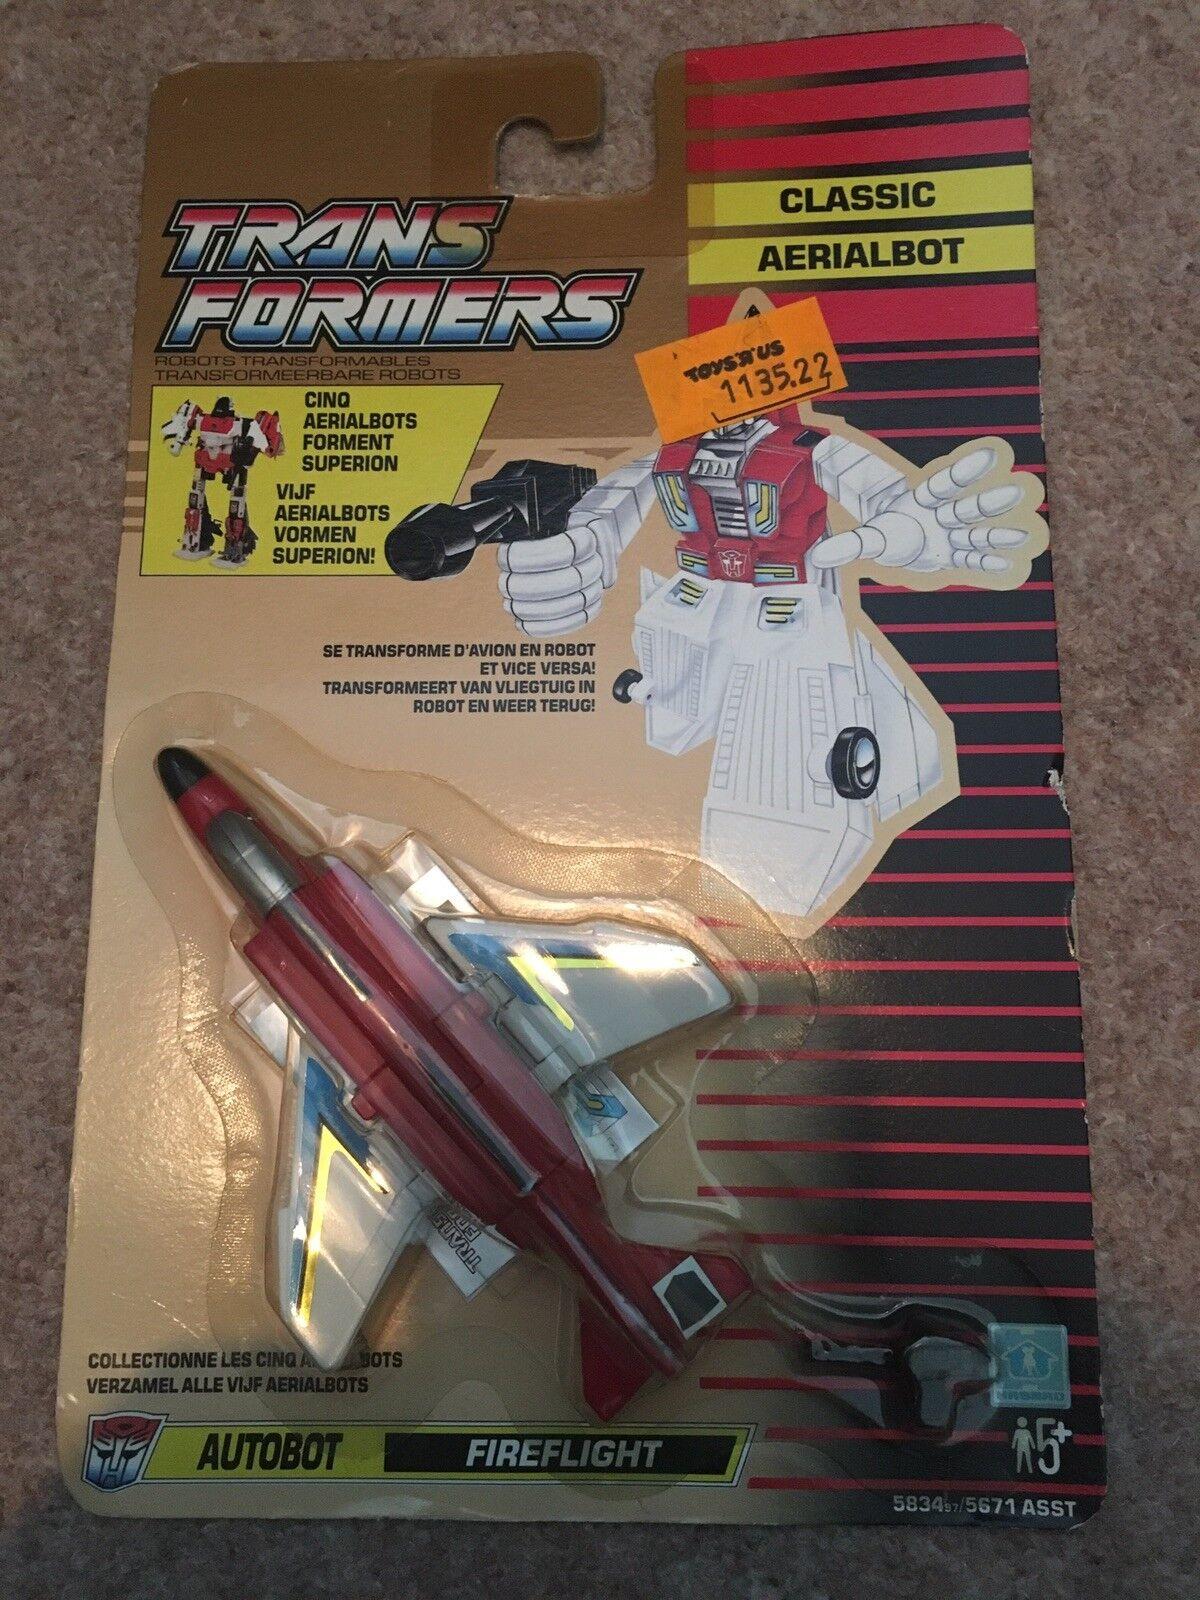 envío gratuito a nivel mundial Transformers Classic Aerialbot Fireflight Retro Figura 1991 francés holandés holandés holandés Autobot  Compra calidad 100% autentica